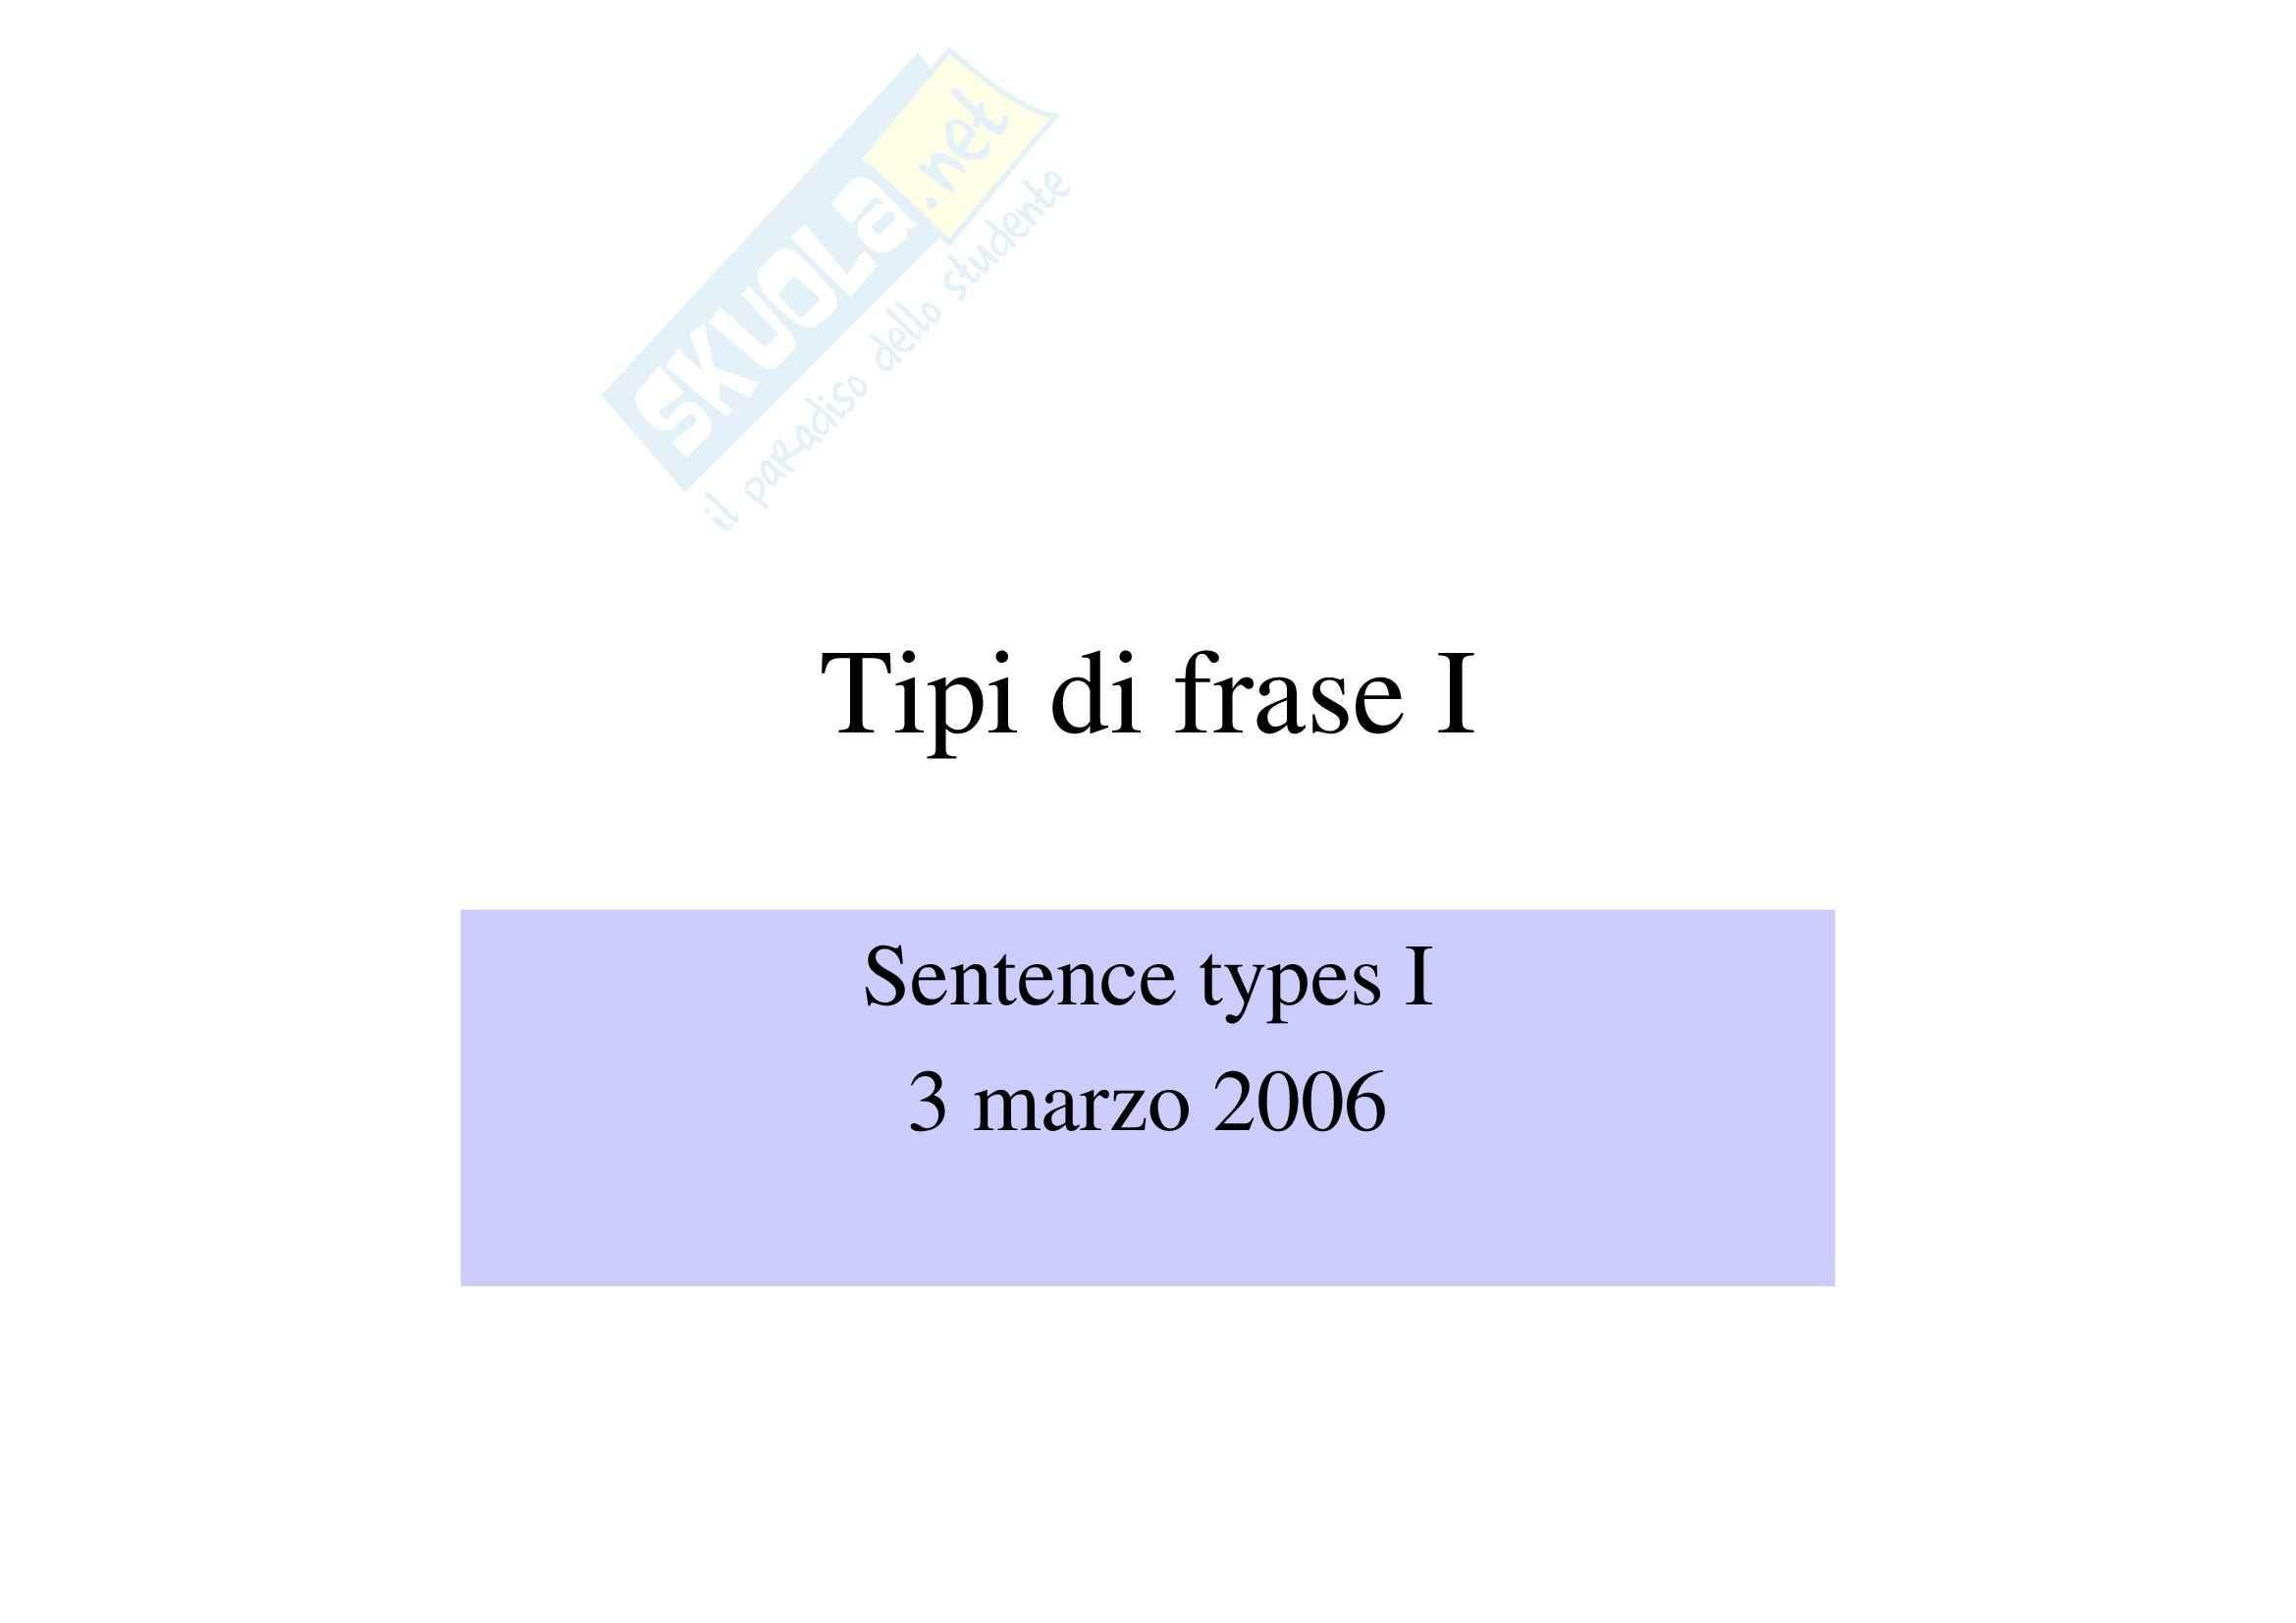 Tipi di frase I